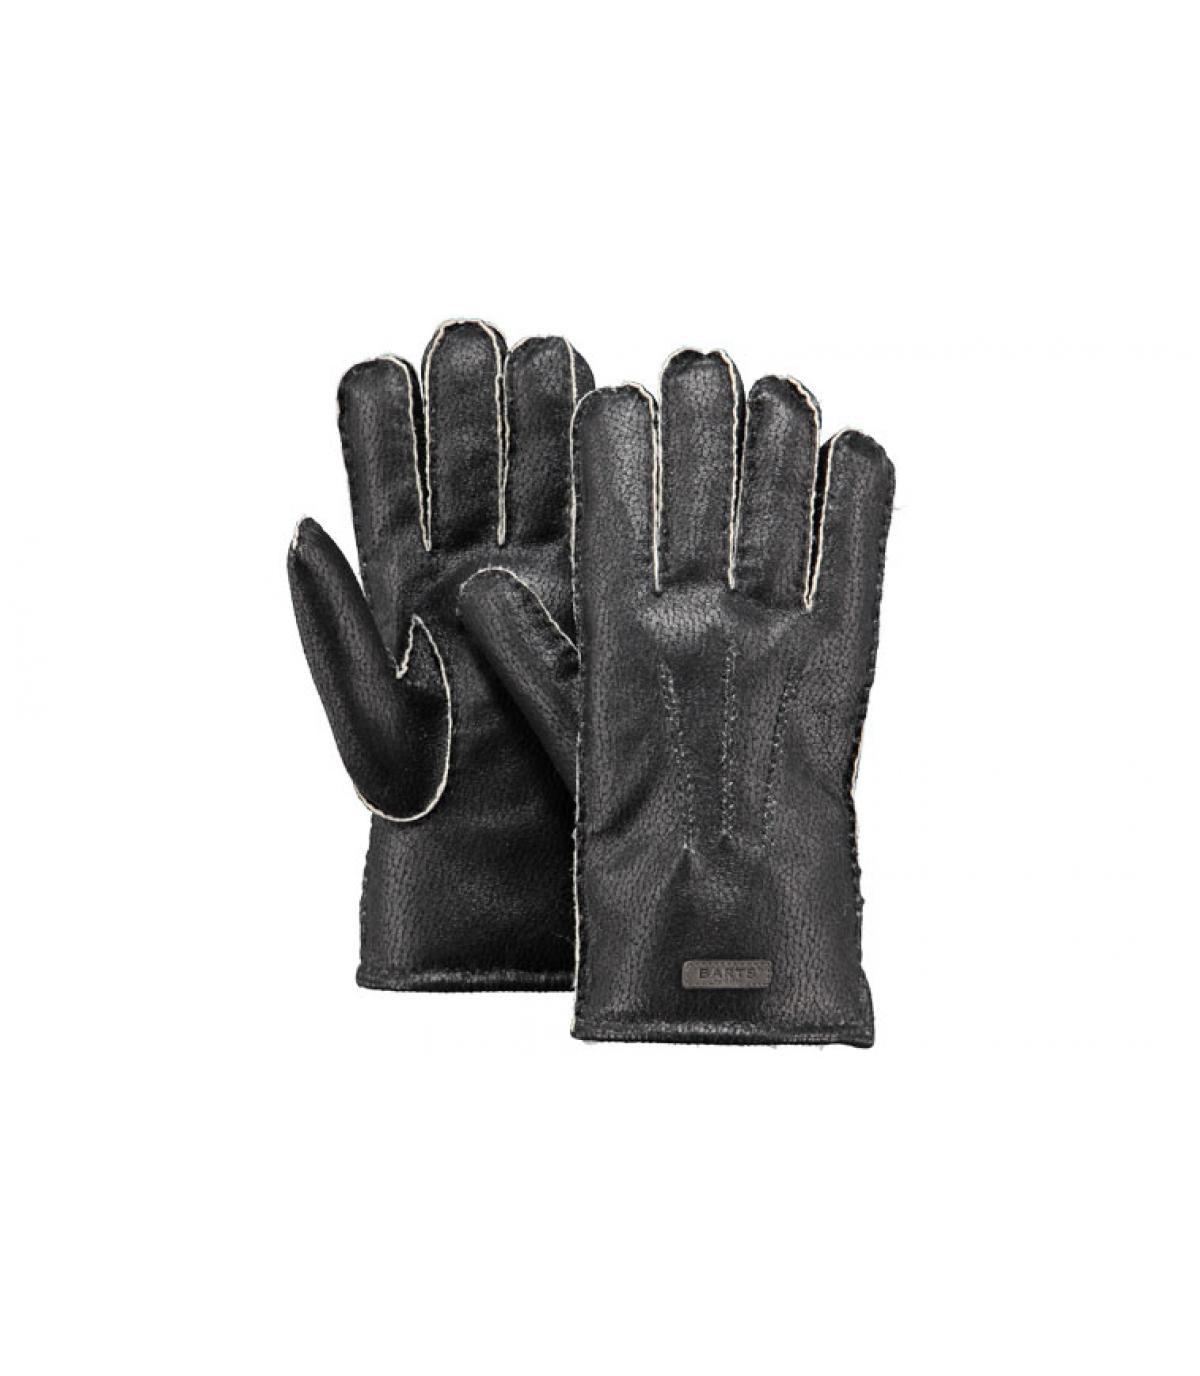 Détails Chakku gloves mens black - image 3